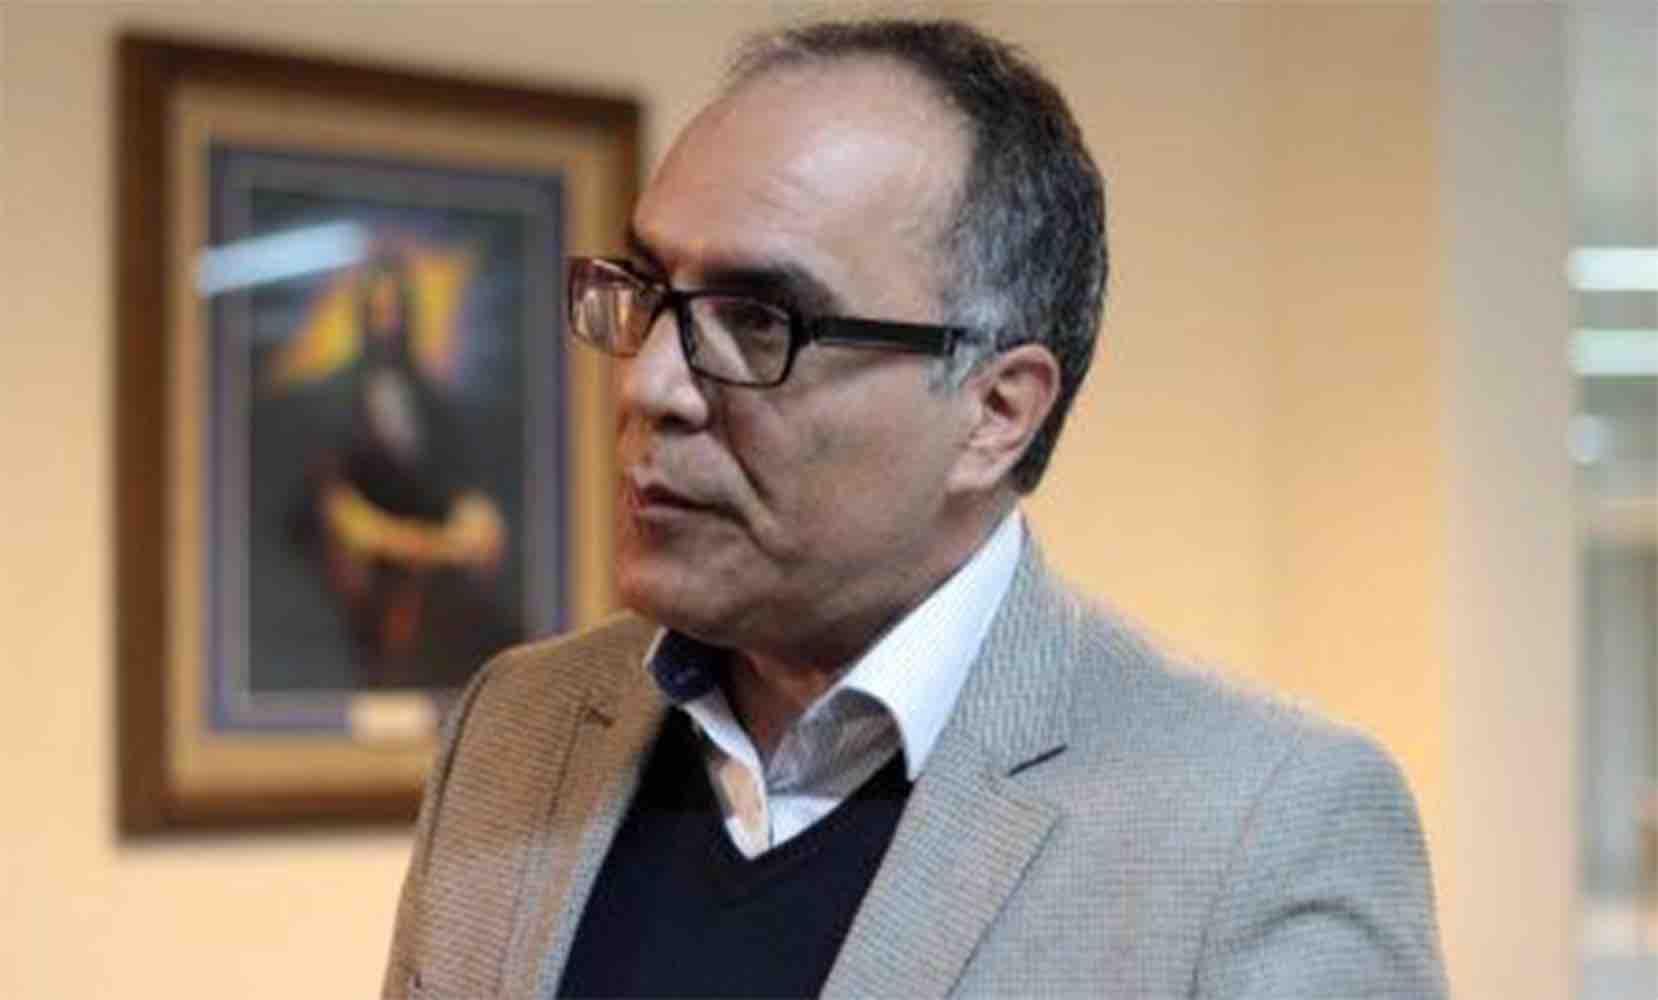 نشانهشناسی انتقادی: سینمای معاصر ایران بعد از انقلاب با دکتر فرزان سجودی